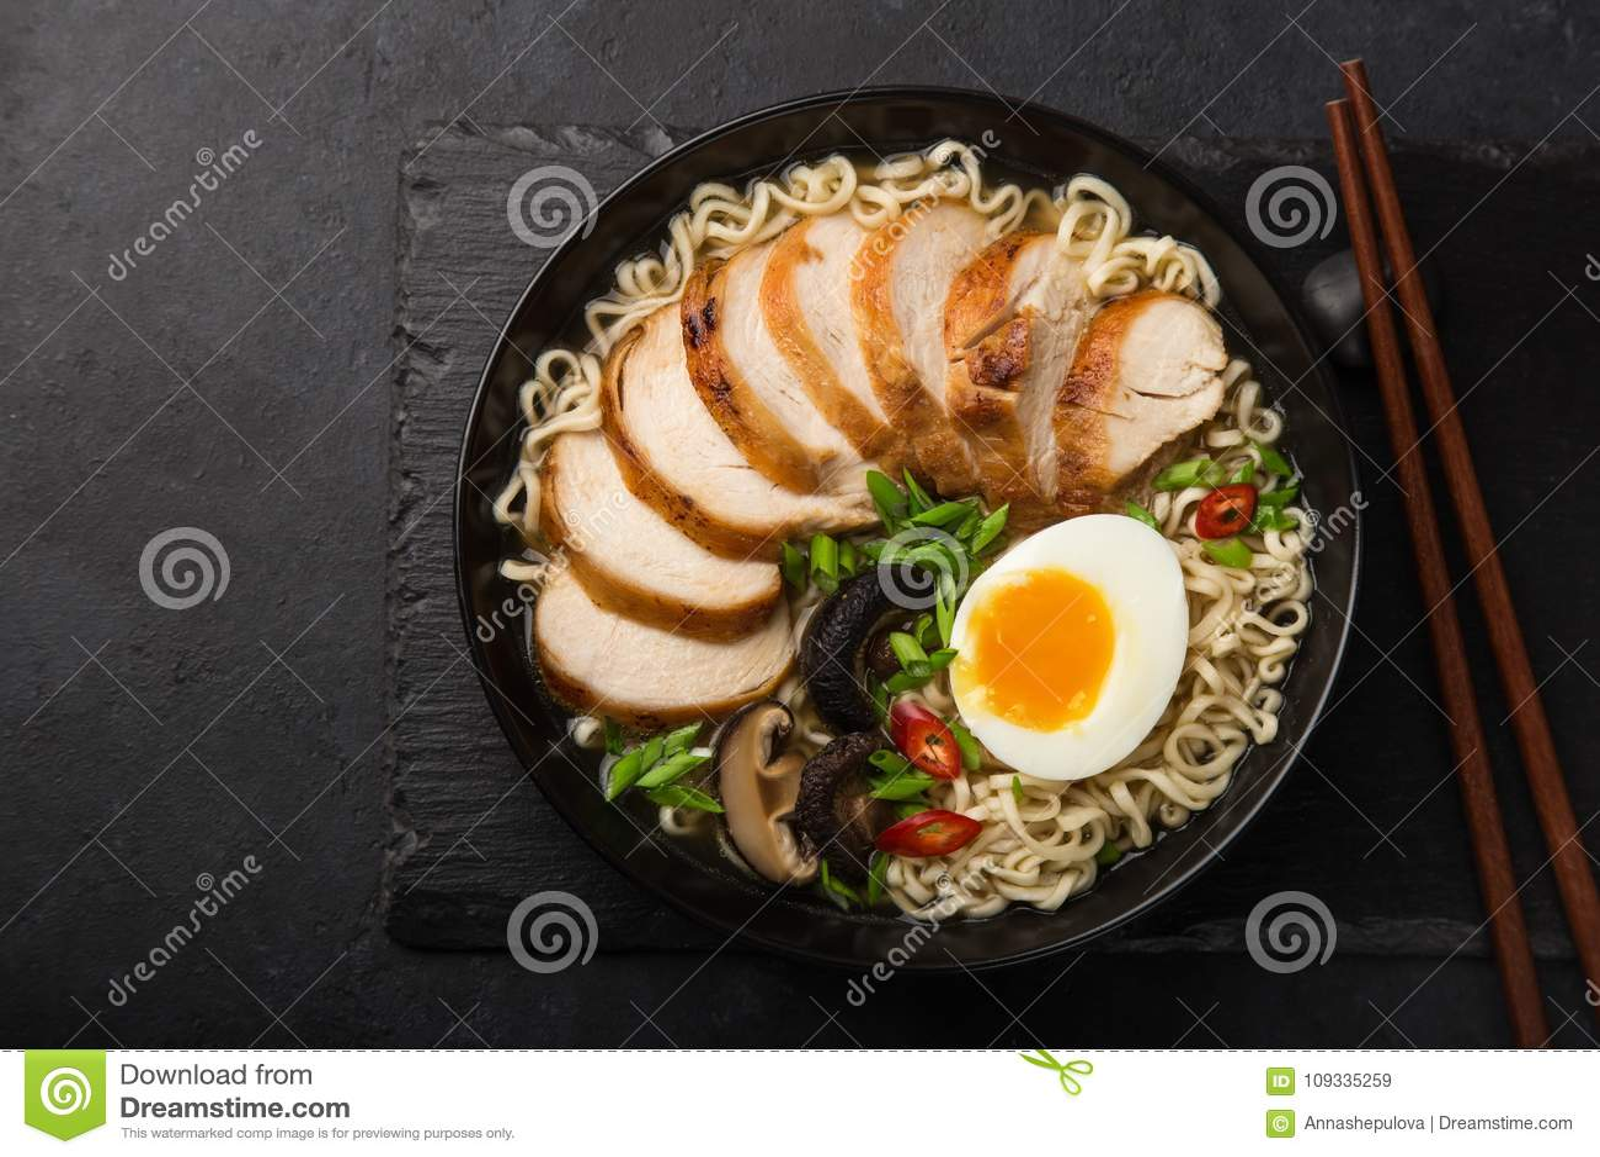 RamenNudelsuppe mit Huhn, Shiitake mushroms und Ei im bla